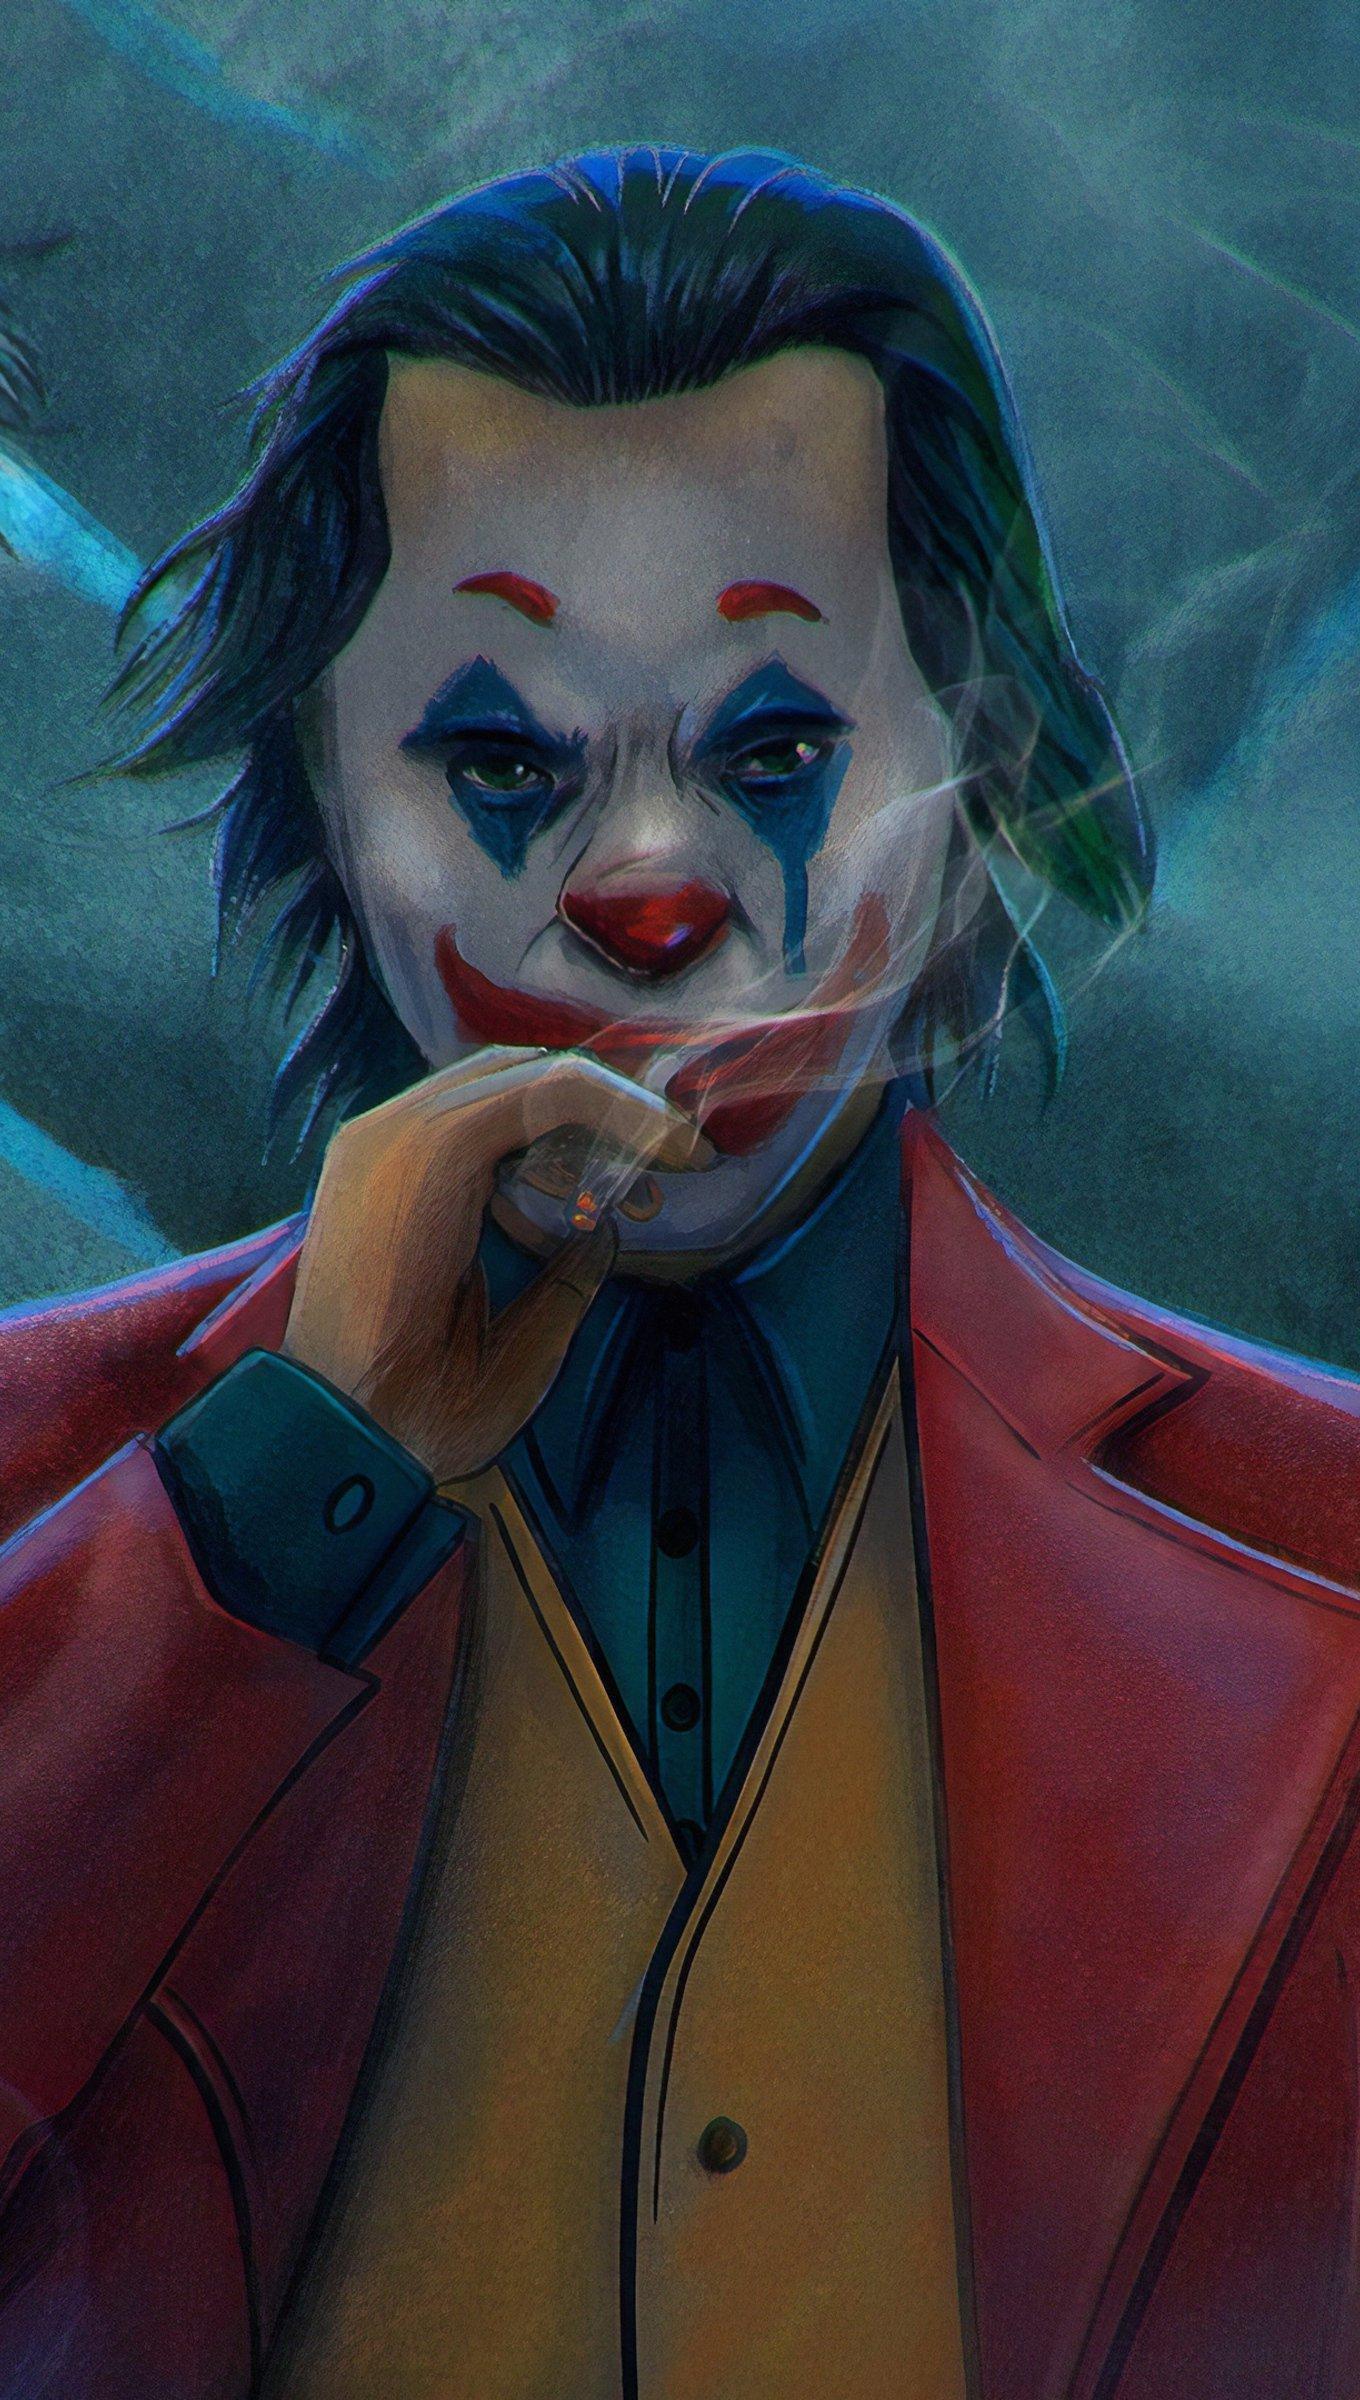 Wallpaper Joker with a cigratte Fanart Vertical